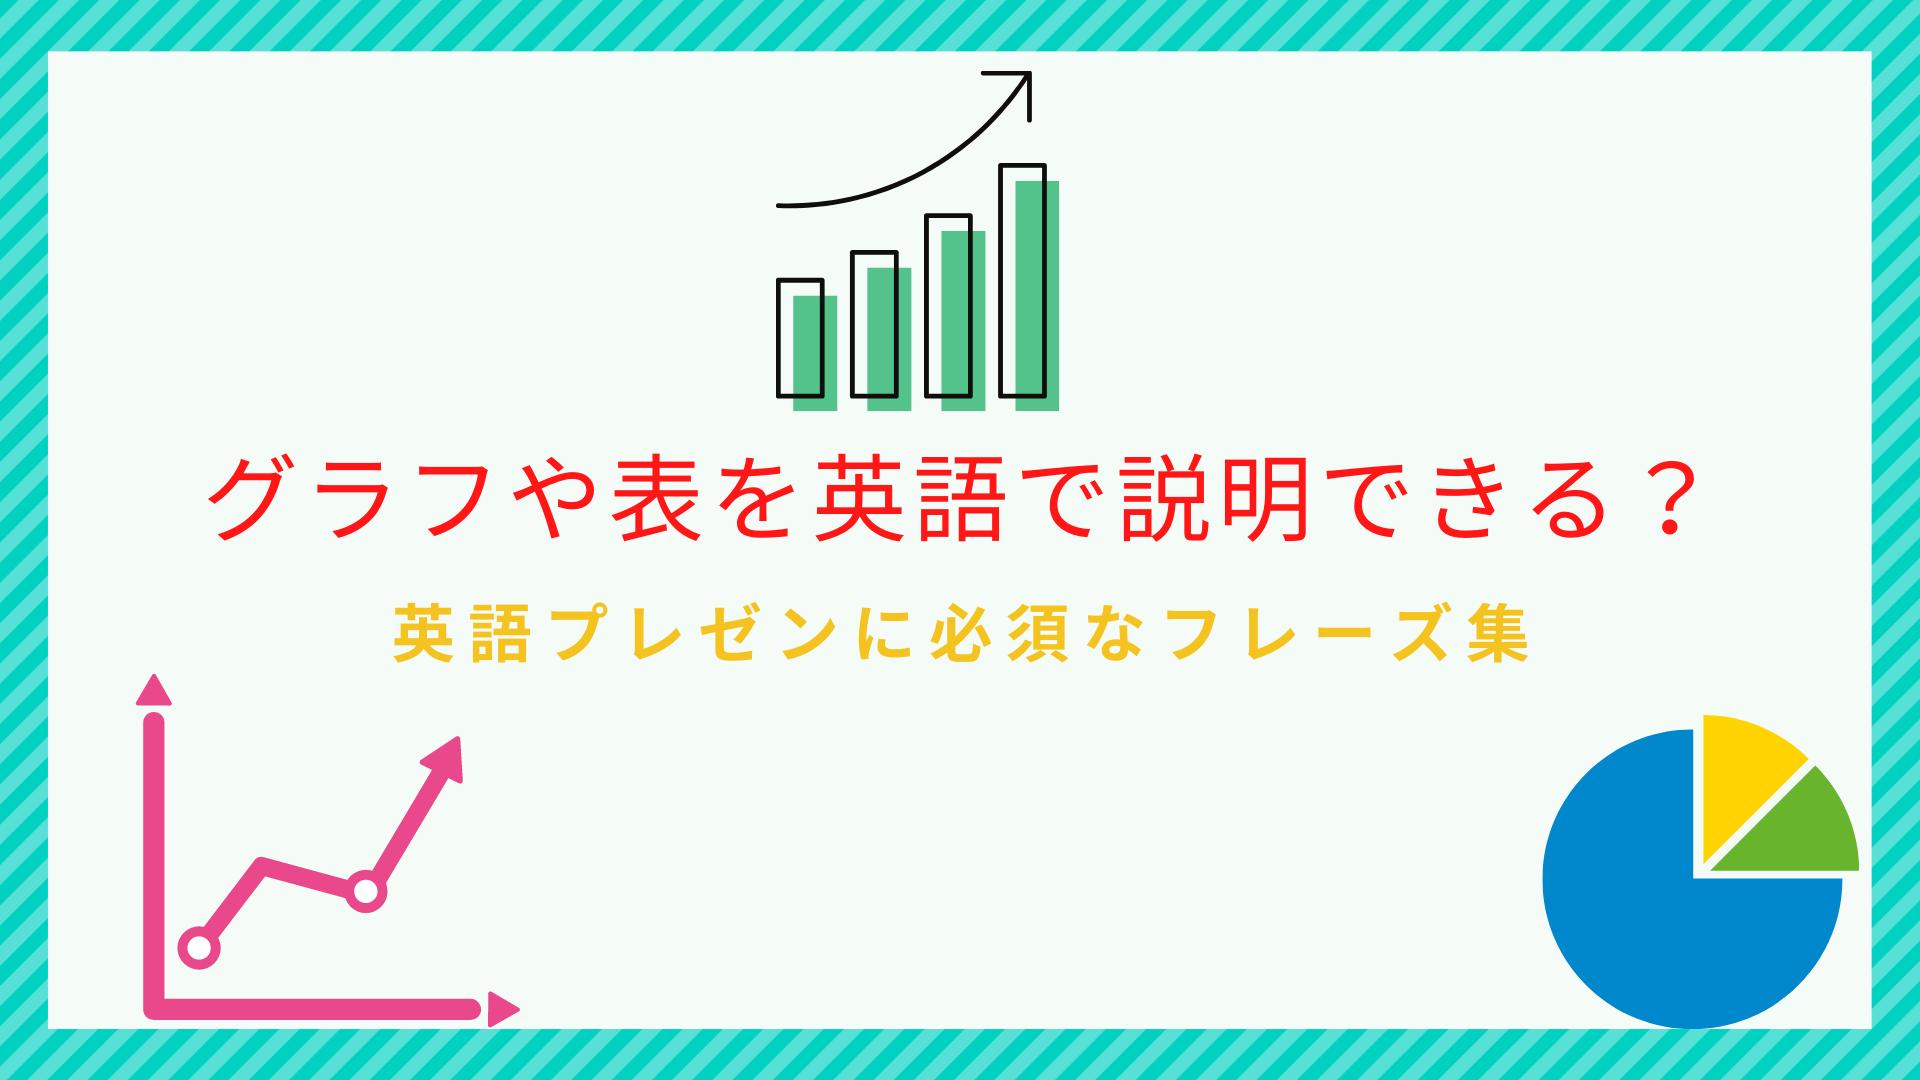 グラフや表を英語で説明できる?ビジネス英語プレゼンに必須なフレーズ集